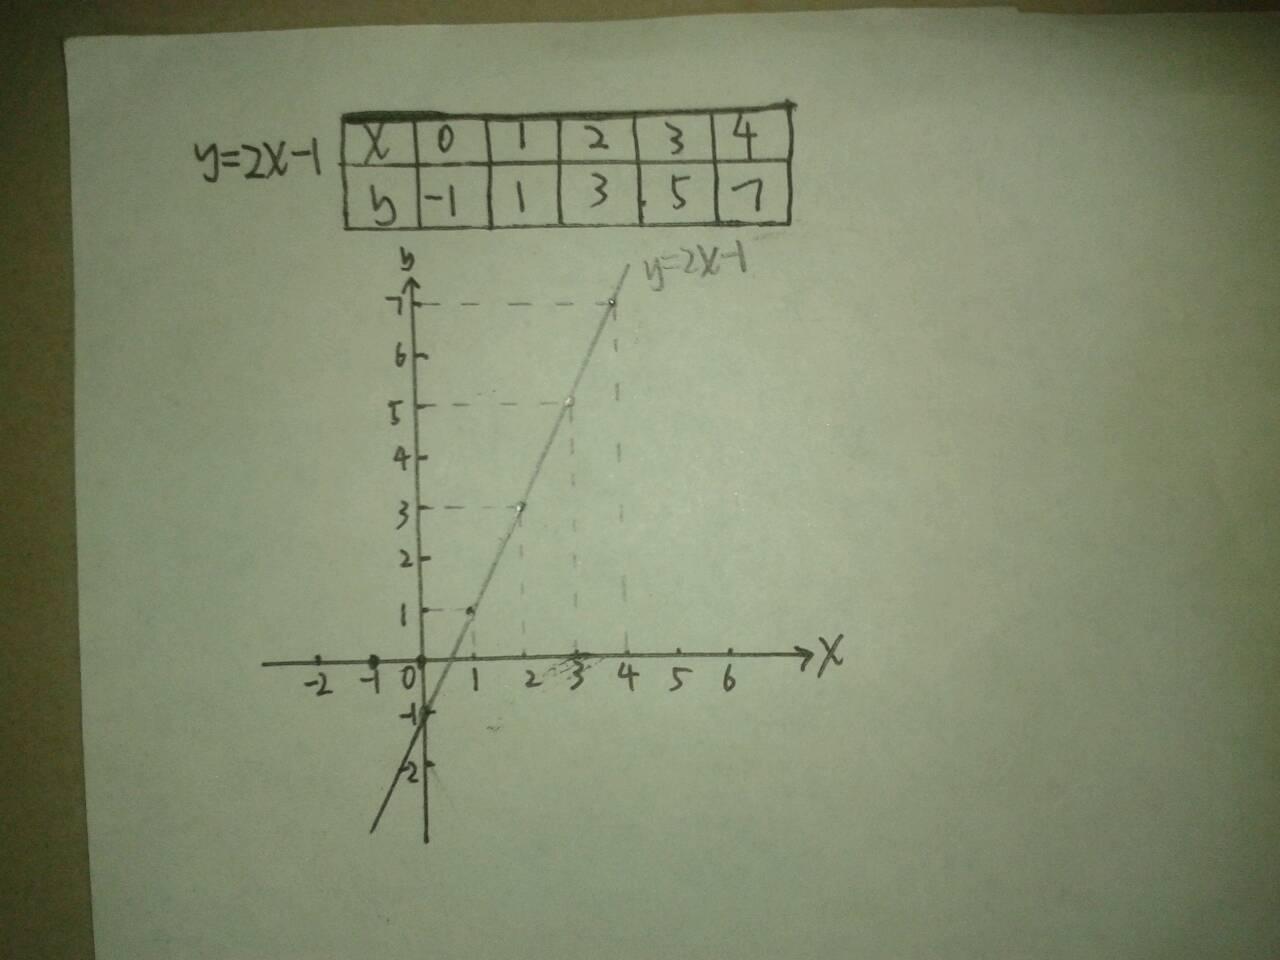 美女?y??y/h9l!_已知函数y=(2x+1)/(x-3),则y的值域为?